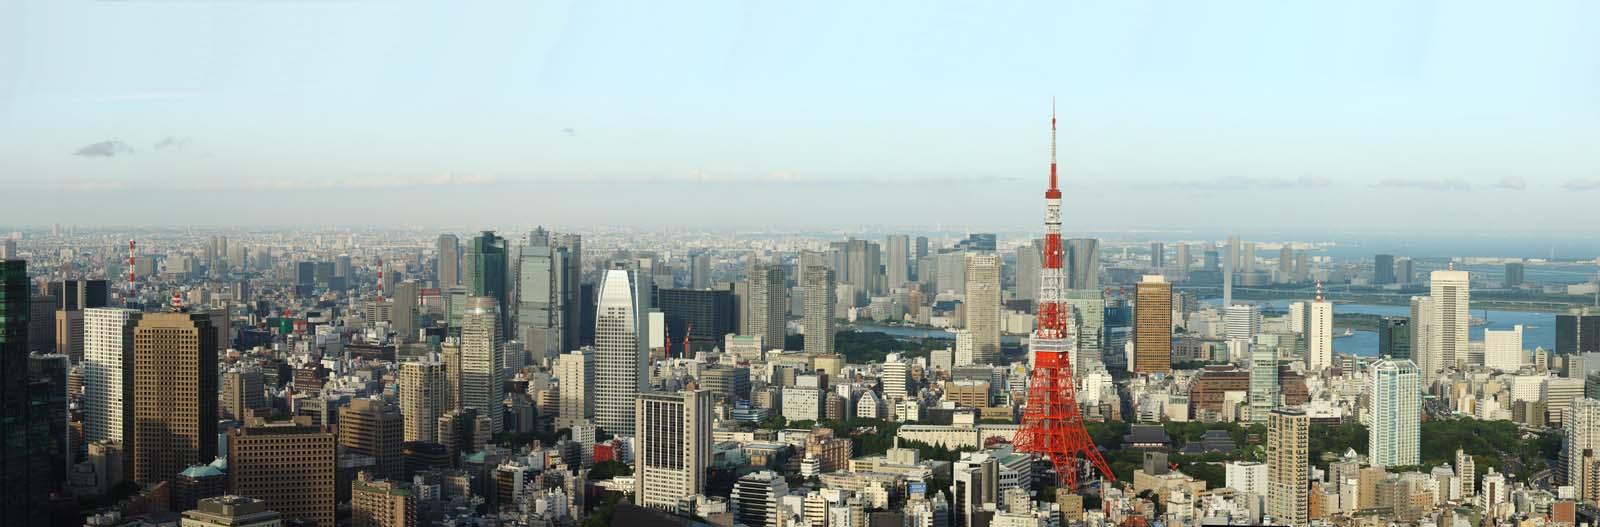 fotografia, materiale, libero il panorama, dipinga, fotografia di scorta,Tokio vista intera, Torre di Tokio, edificio a molti piani, Baia di Tokio, L'area del centro